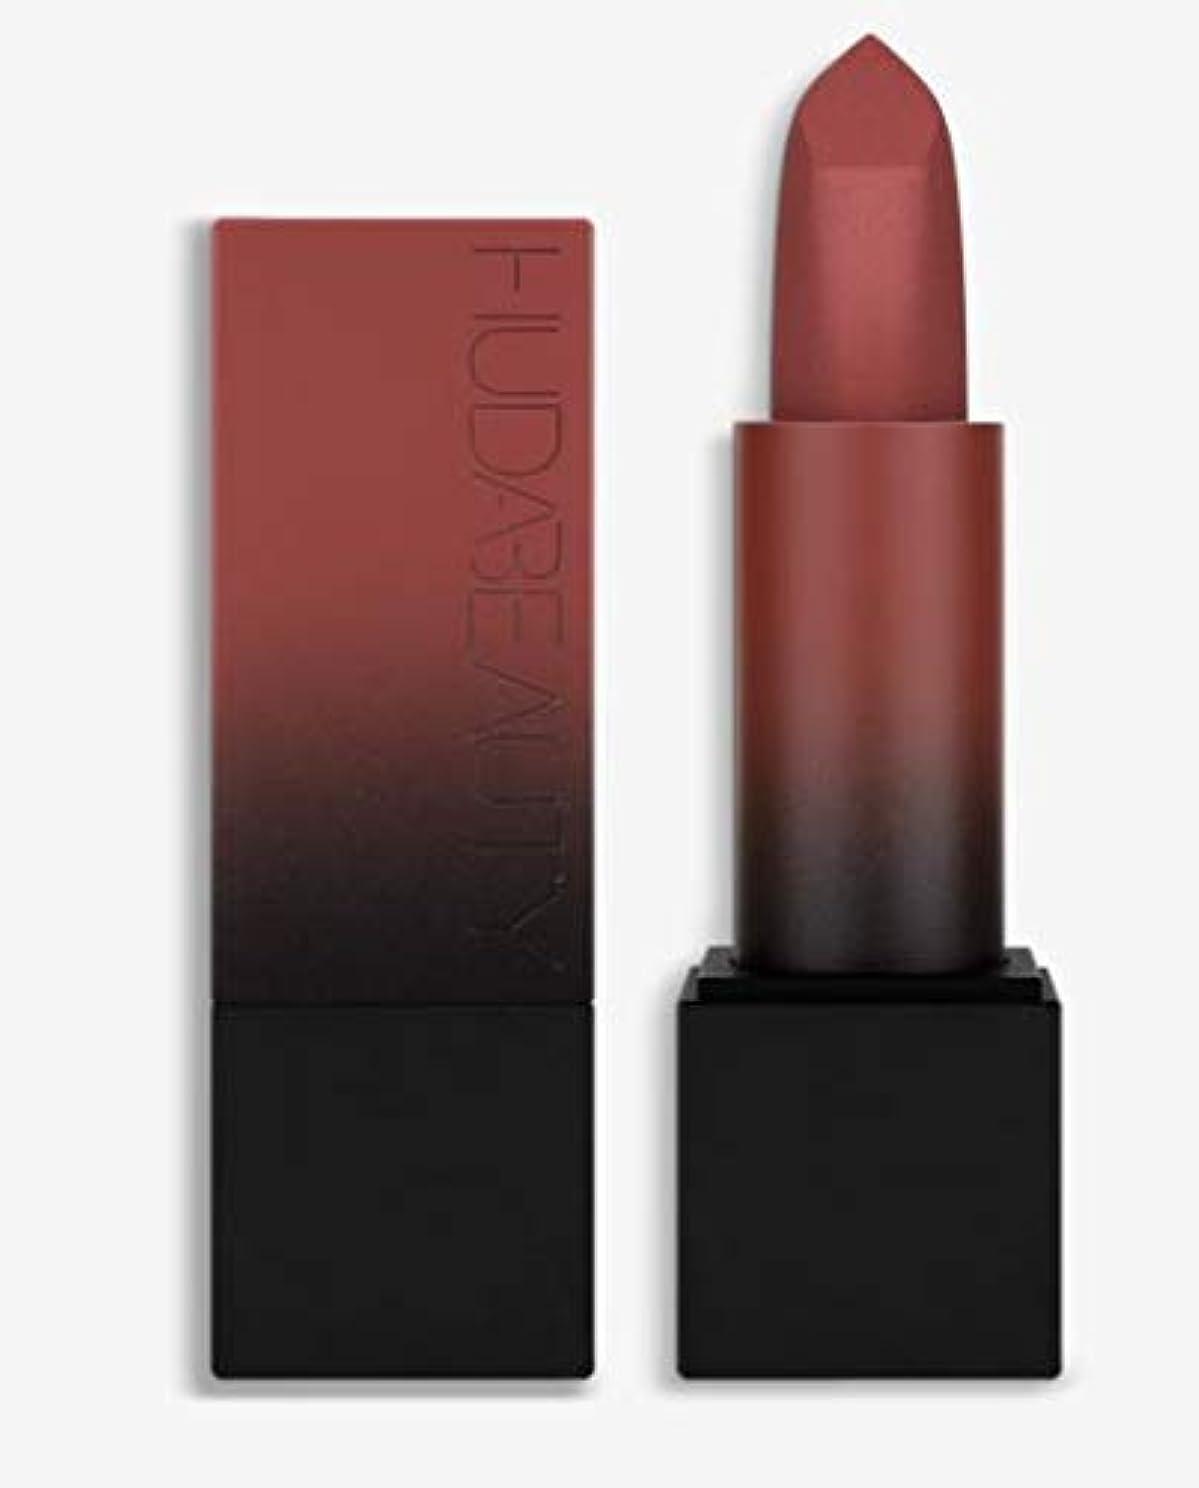 創造鍔永久にHudabeauty Power Bullet Matte Lipstick マットリップ Third Date